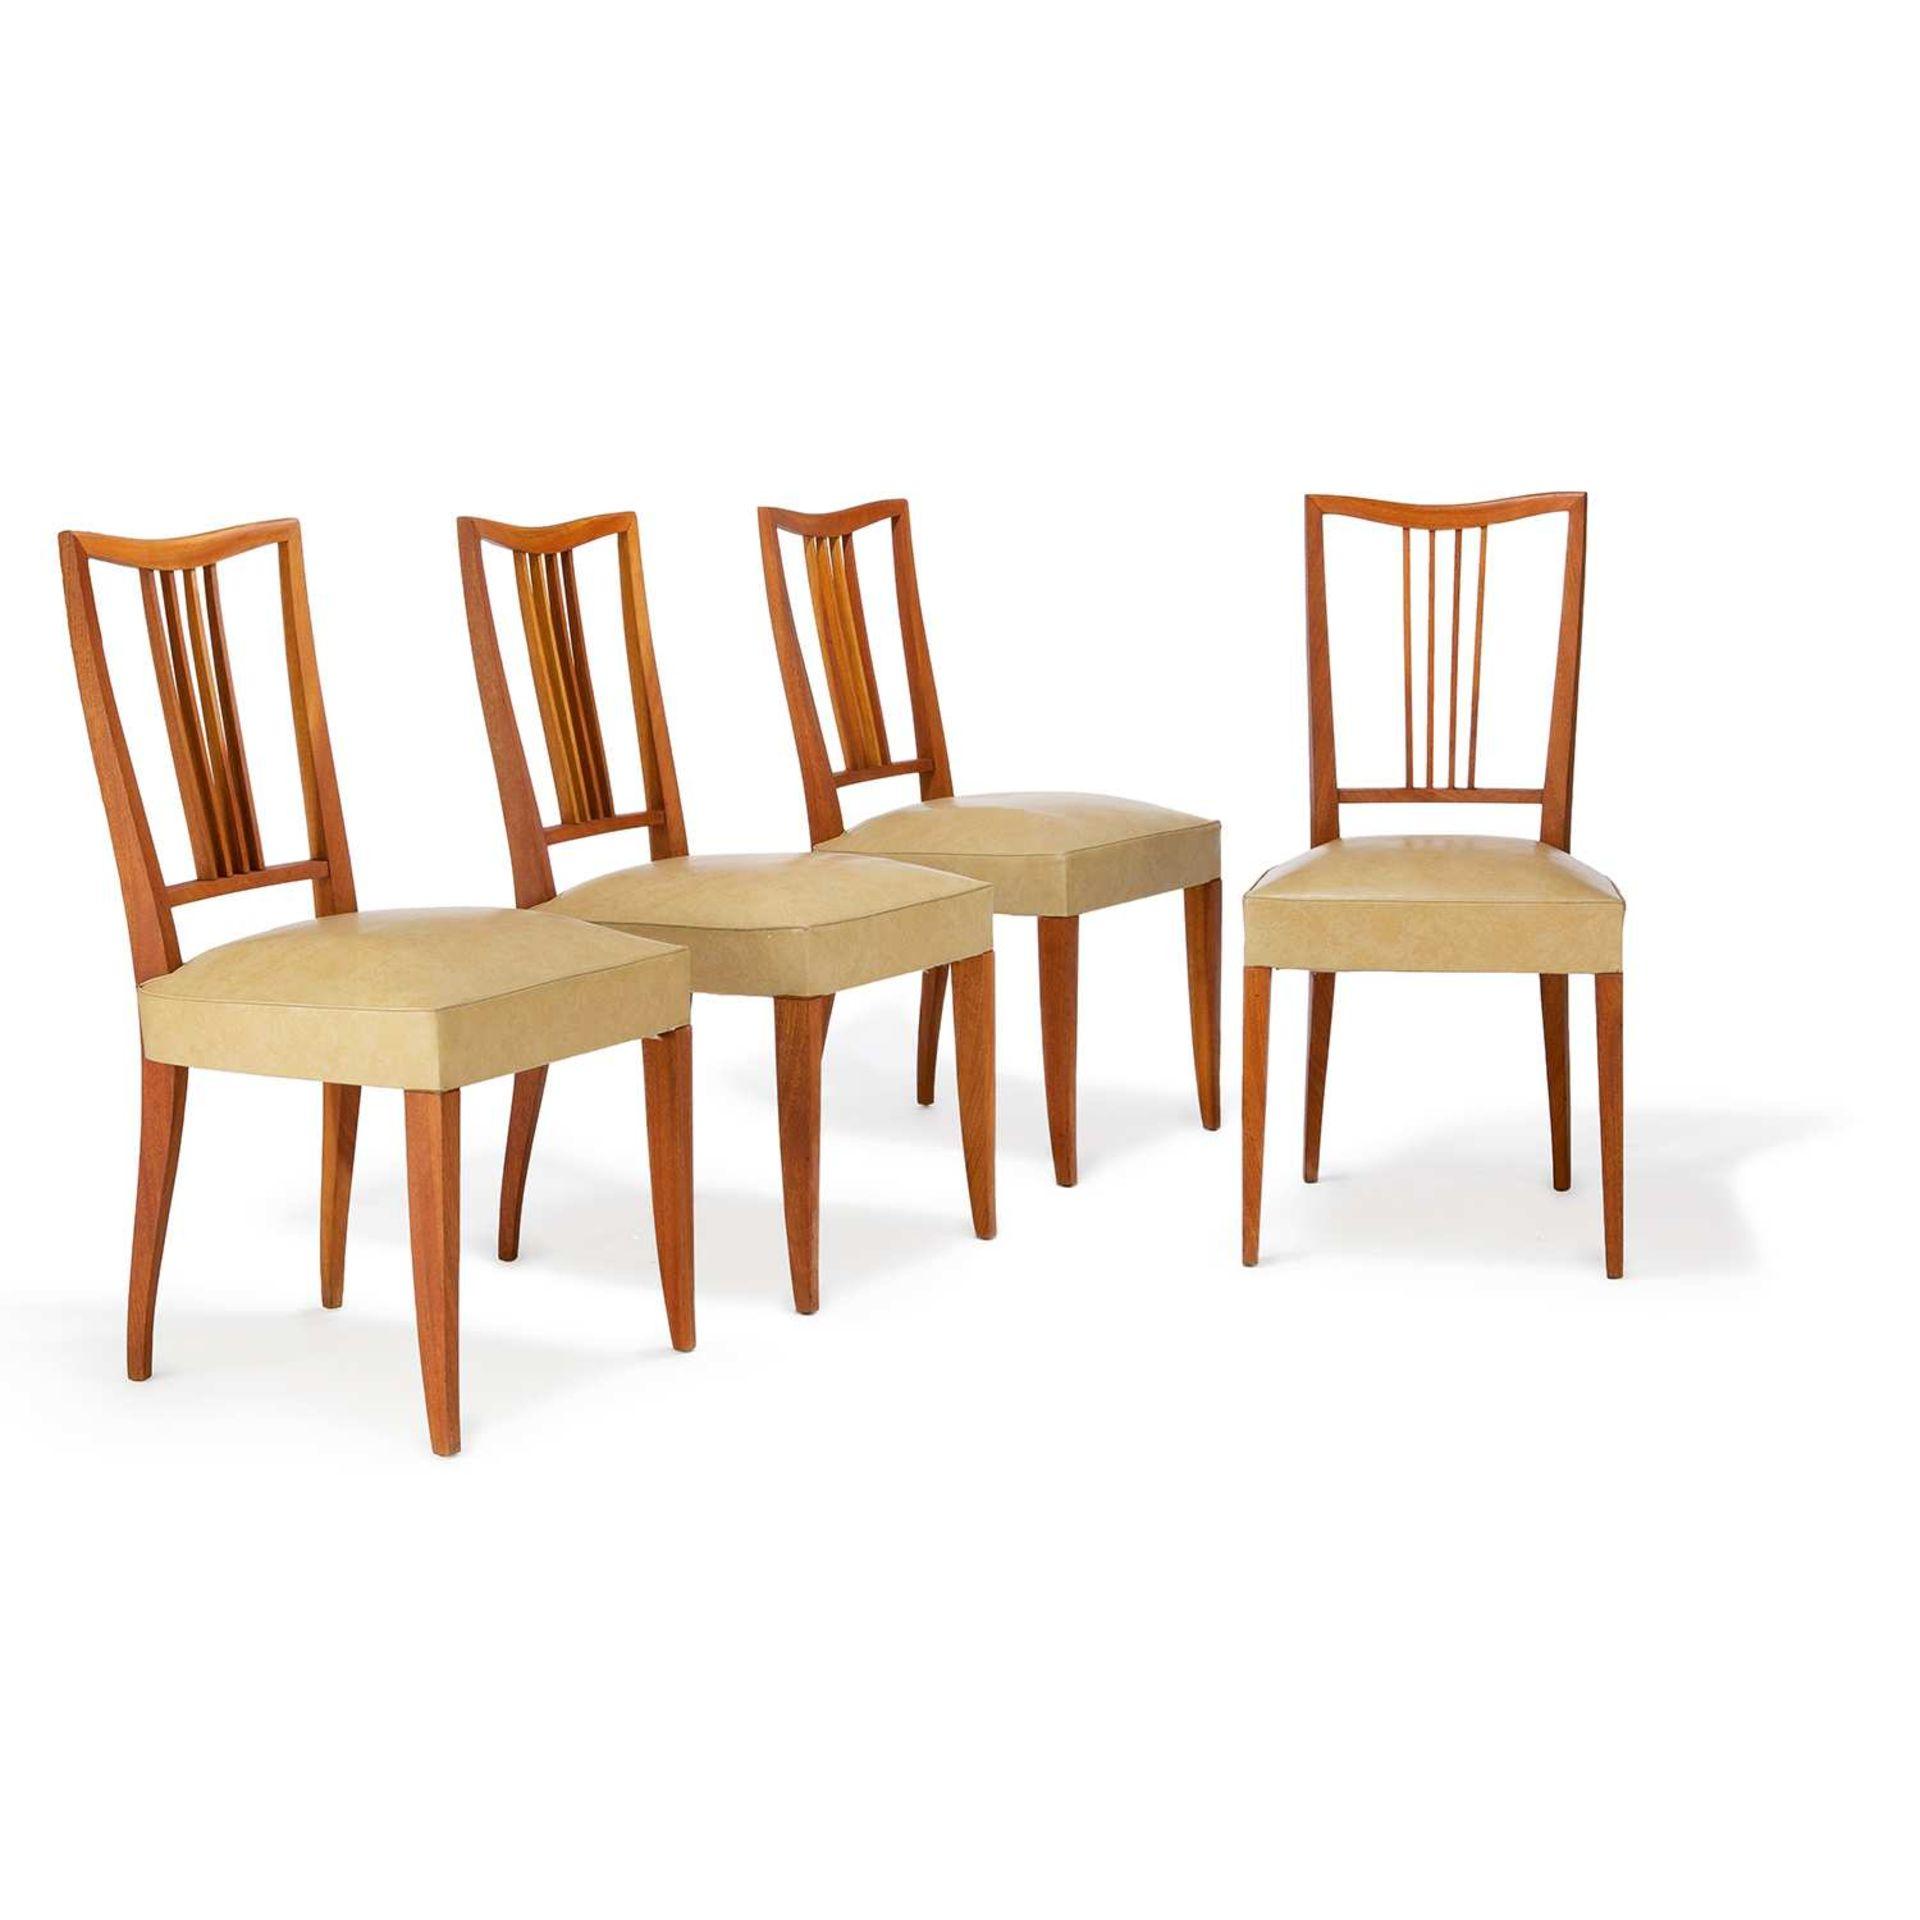 Los 33 - DOMINIQUE - ANDRÉ DOMIN (1883-1962) & MARCEL GENEVRIÈRE (1885-1967) Suite de quatre chaises